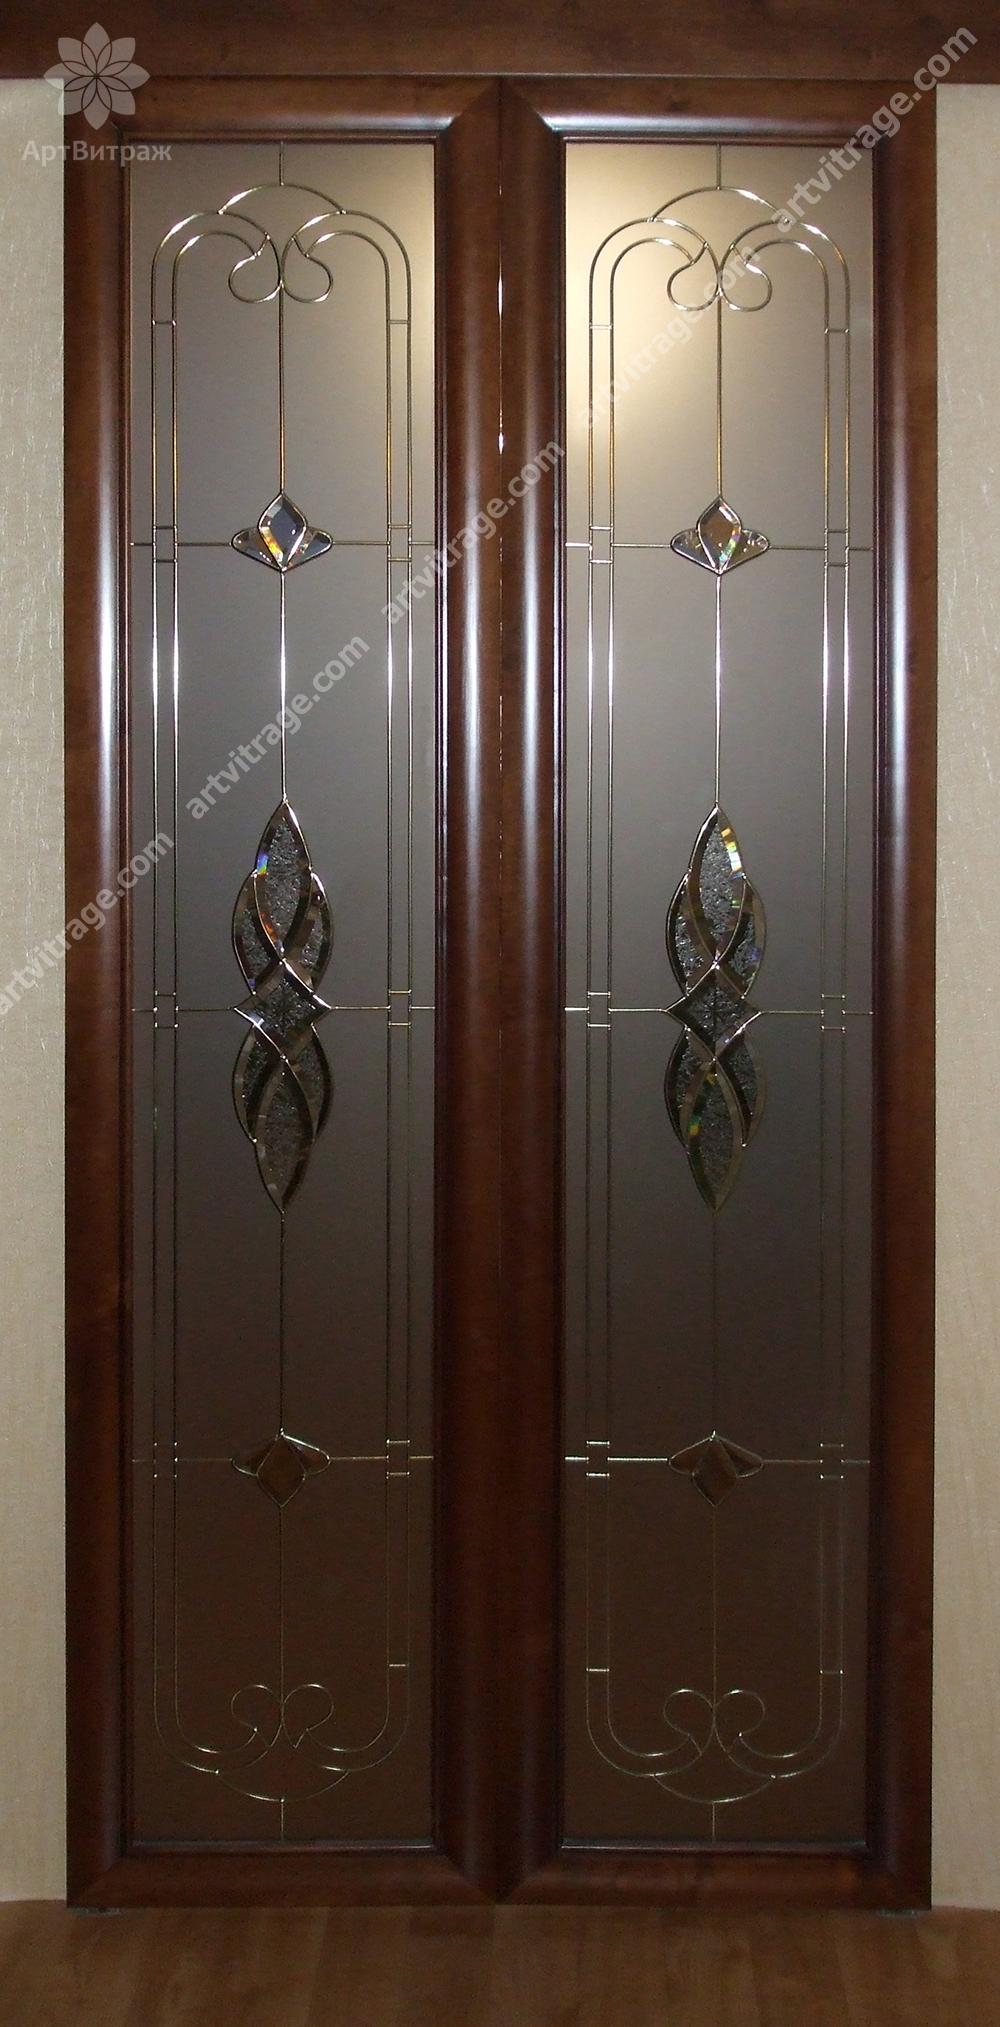 Эксклюзивные витражные двери